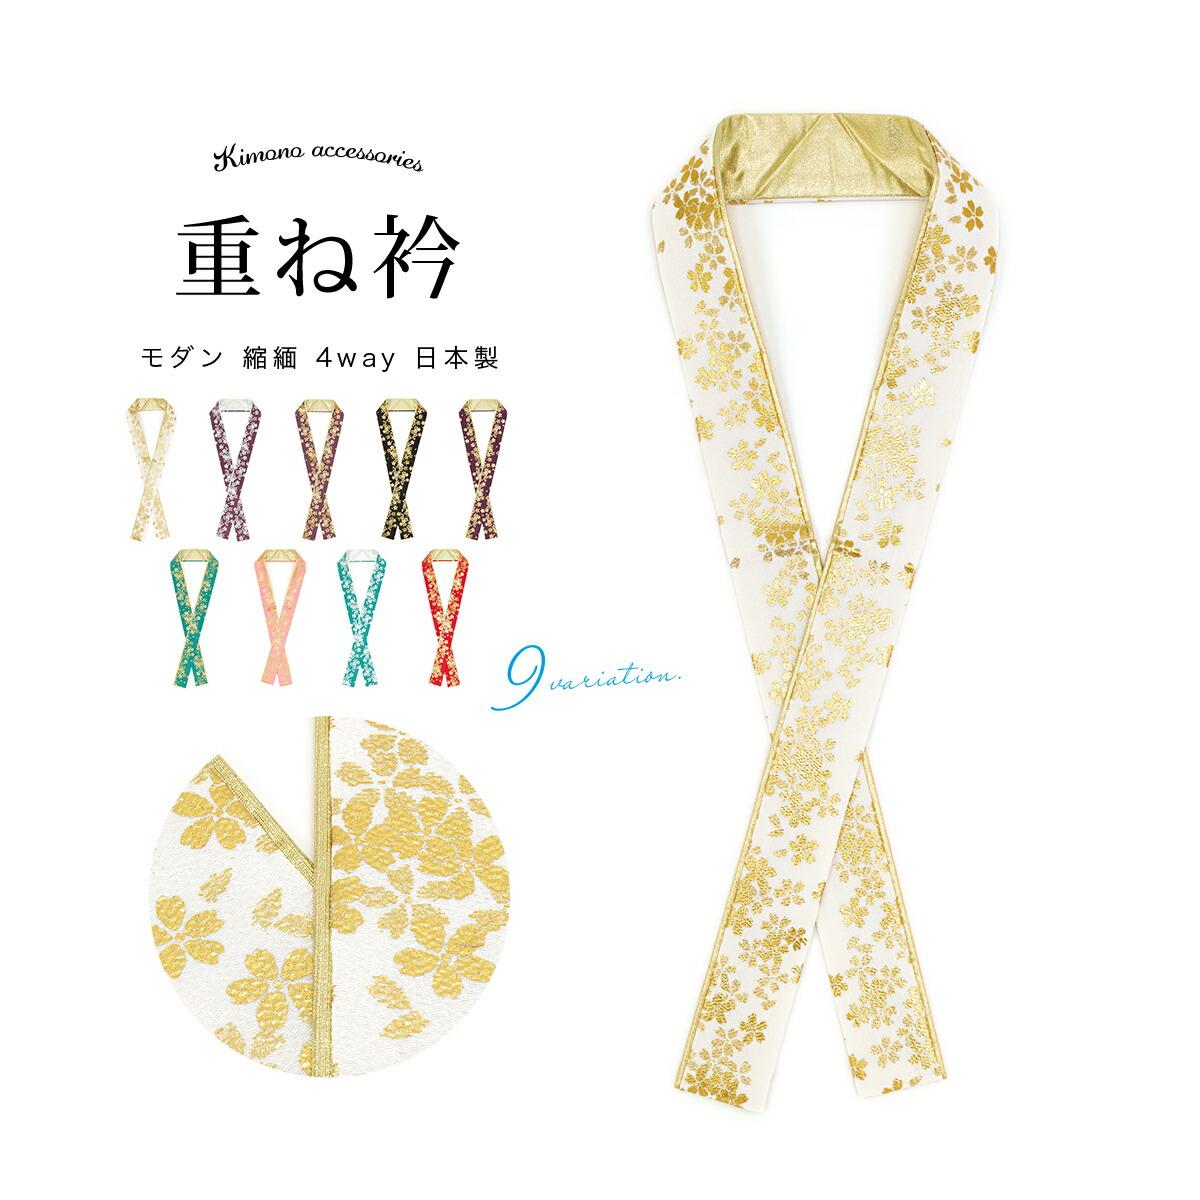 着物をオシャレに装う重ね衿(伊達襟)